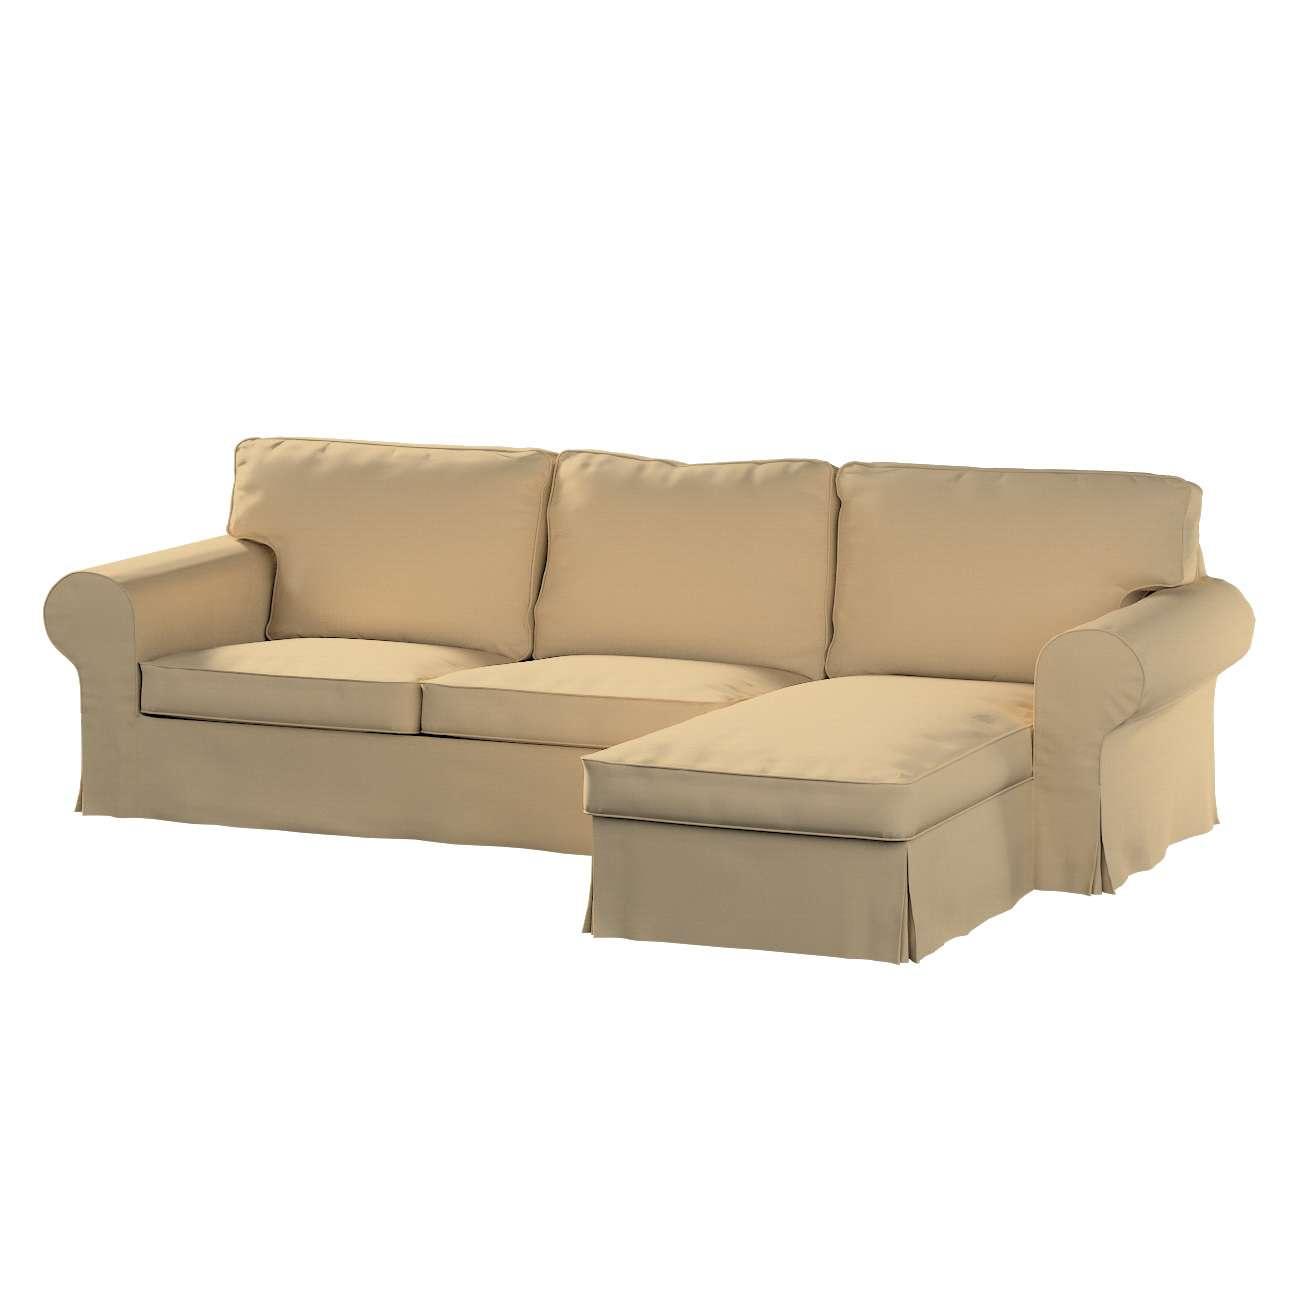 Pokrowiec na sofę Ektorp 2-osobową i leżankę sofa ektorp 2-os. i leżanka w kolekcji Cotton Panama, tkanina: 702-01